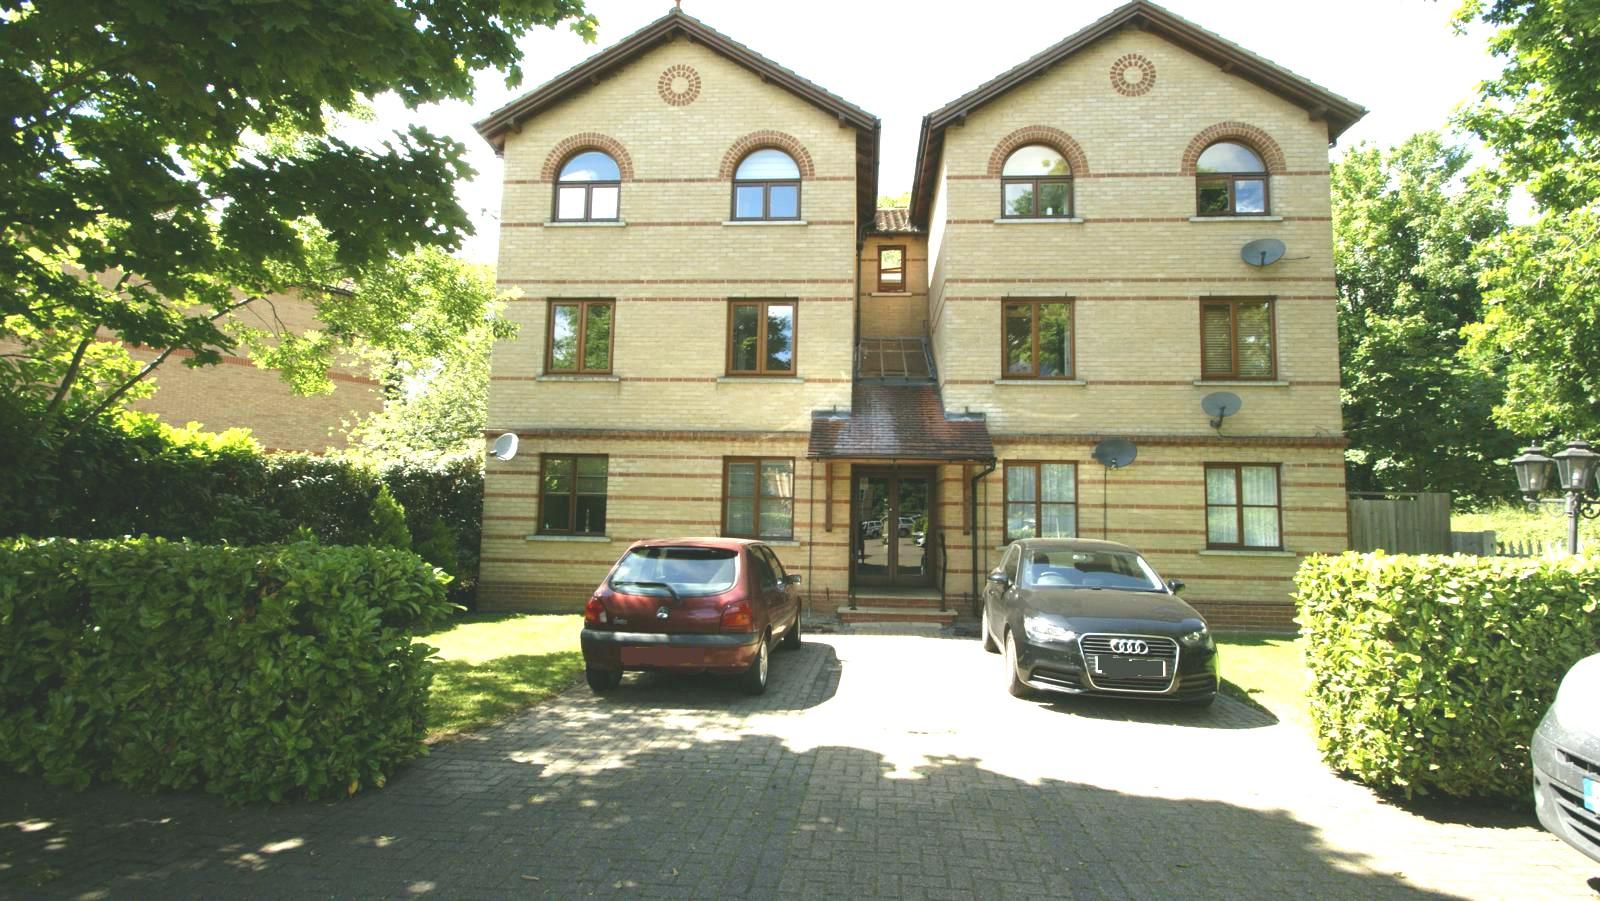 Rushdon Court, Rushdon Close, Romford, RM1